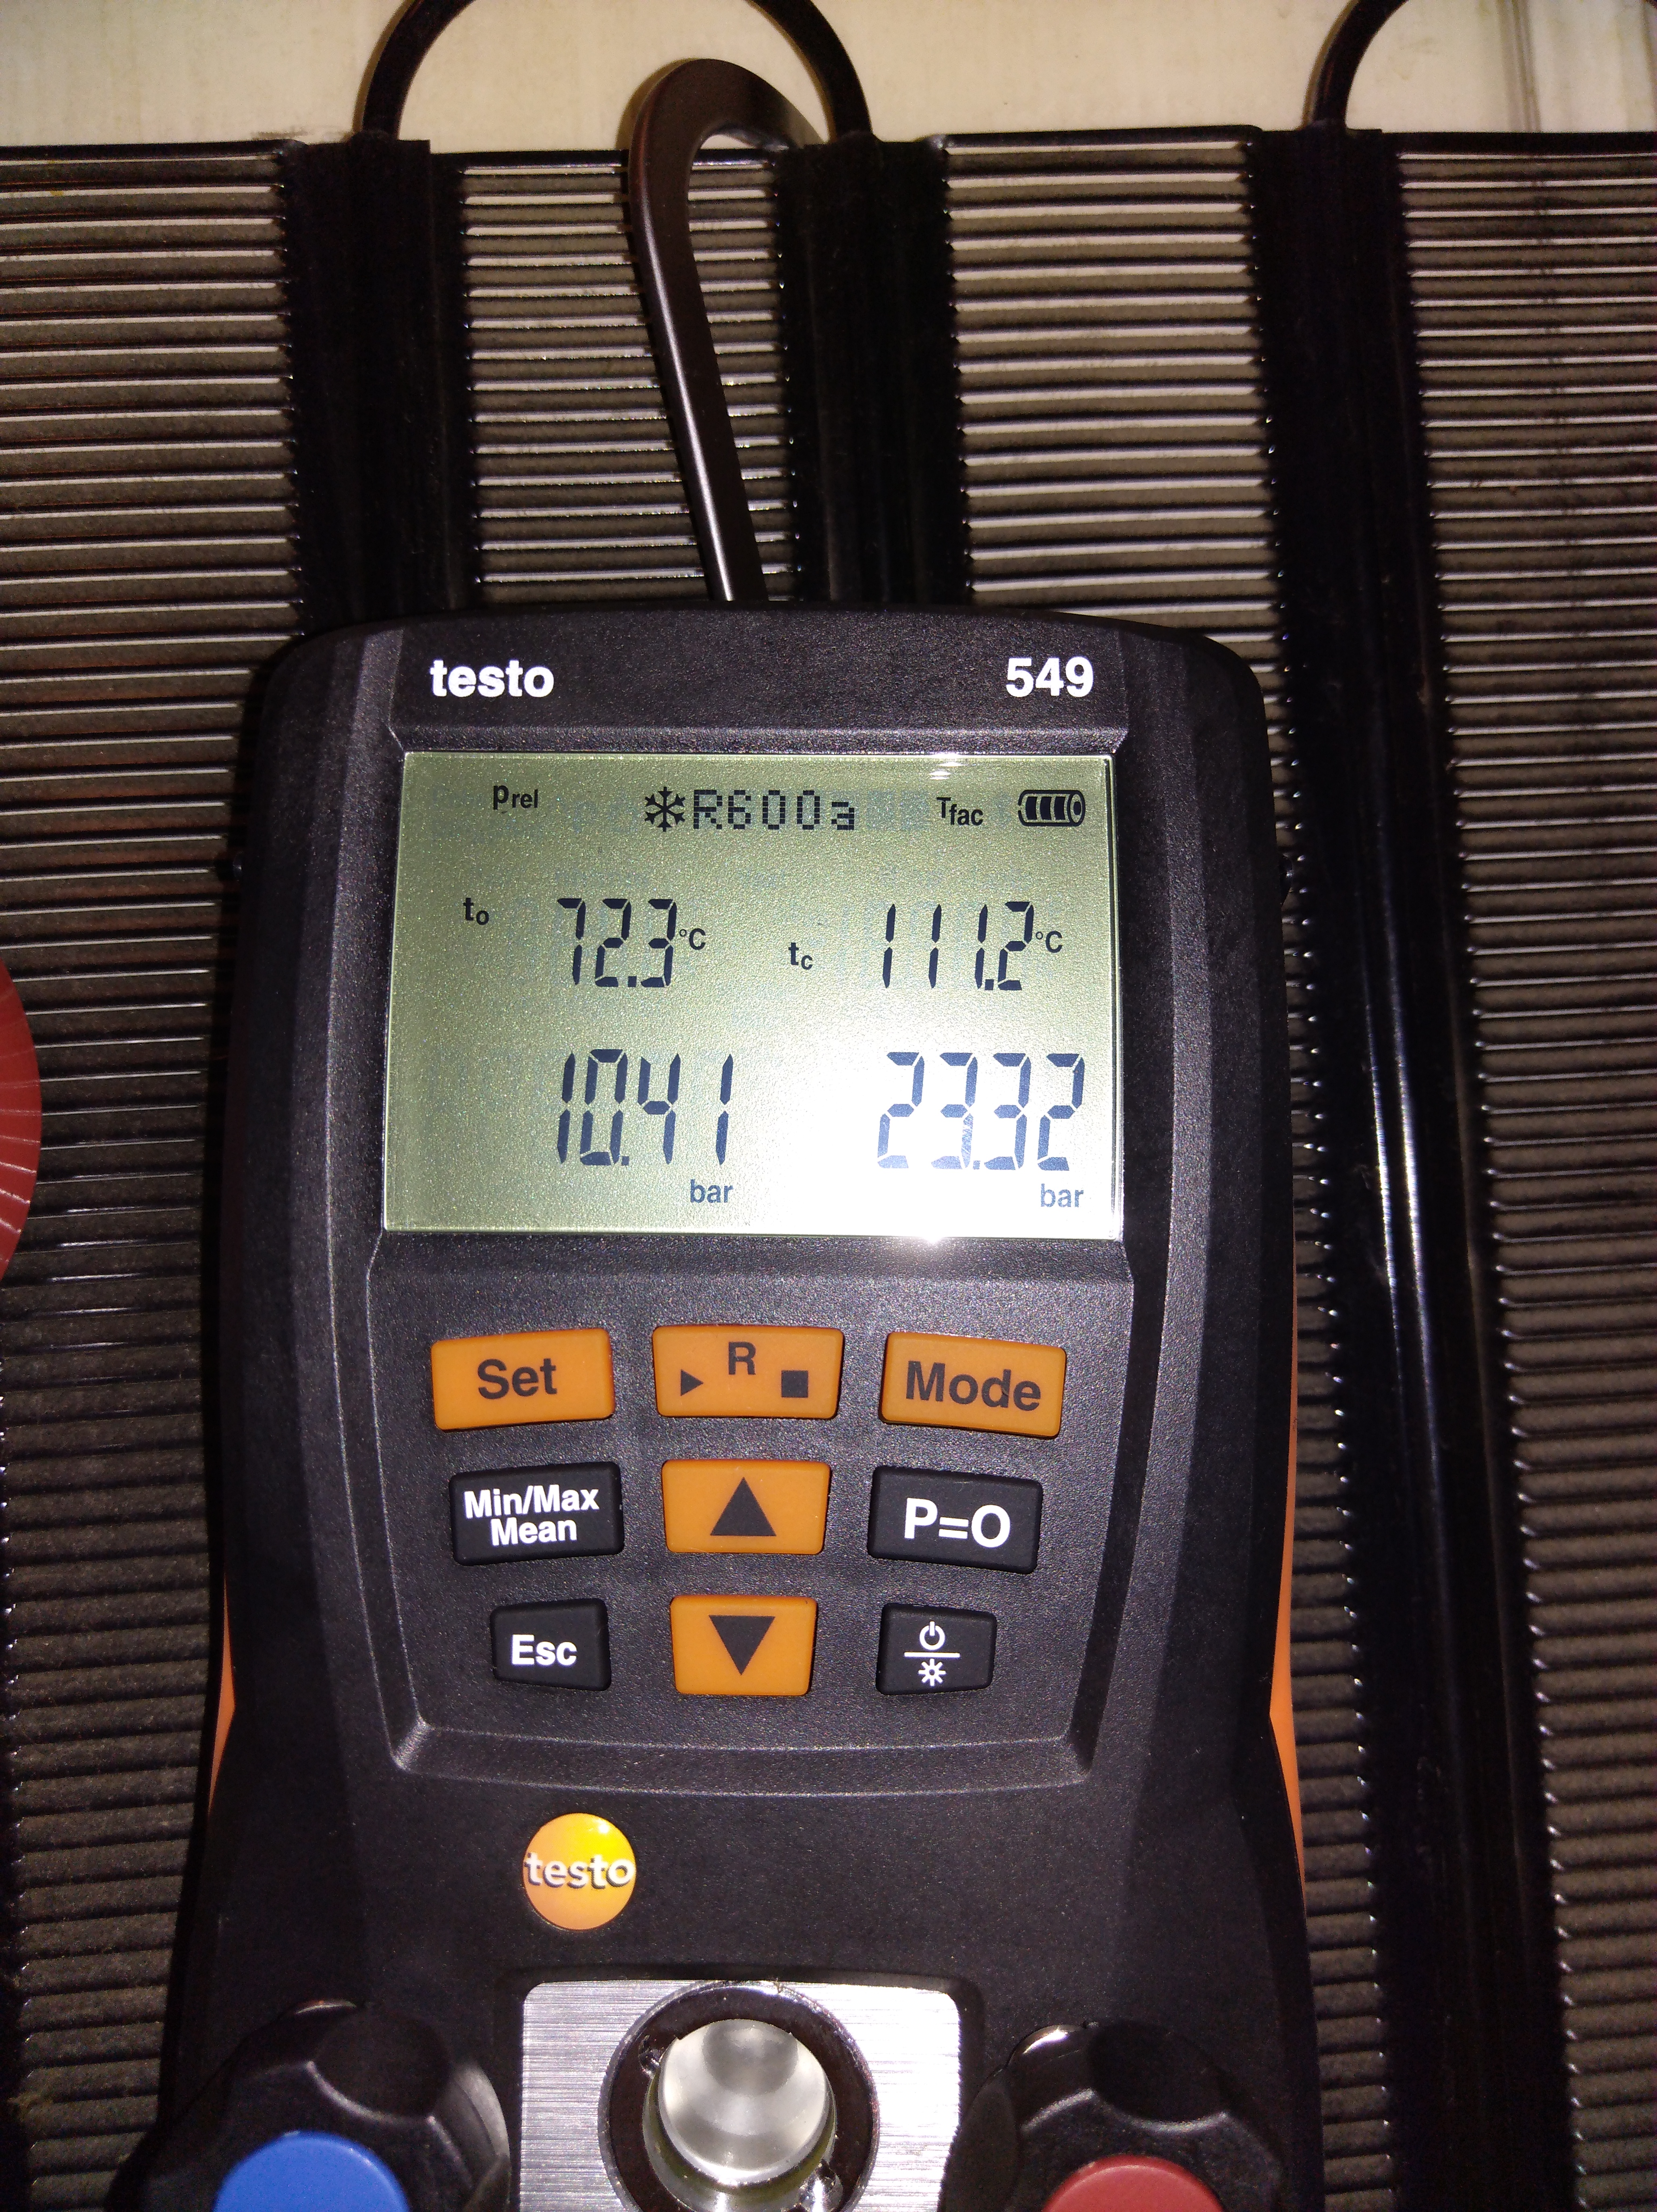 Фото Для диагностики холодильника я использую современные цифровые манометрические станции для более точных измерений.